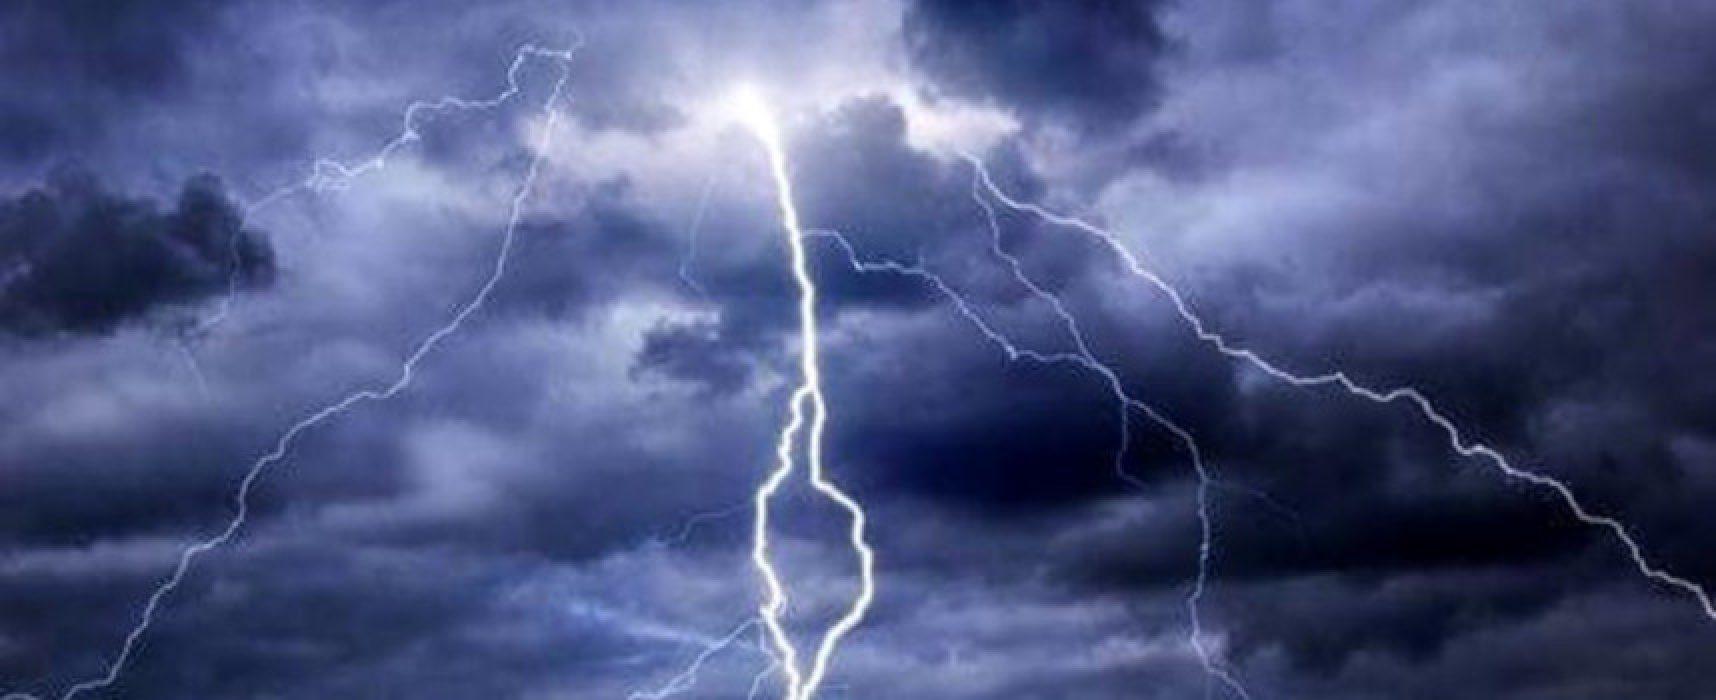 Allerta meteo gialla per rischio idrogeologico e temporali